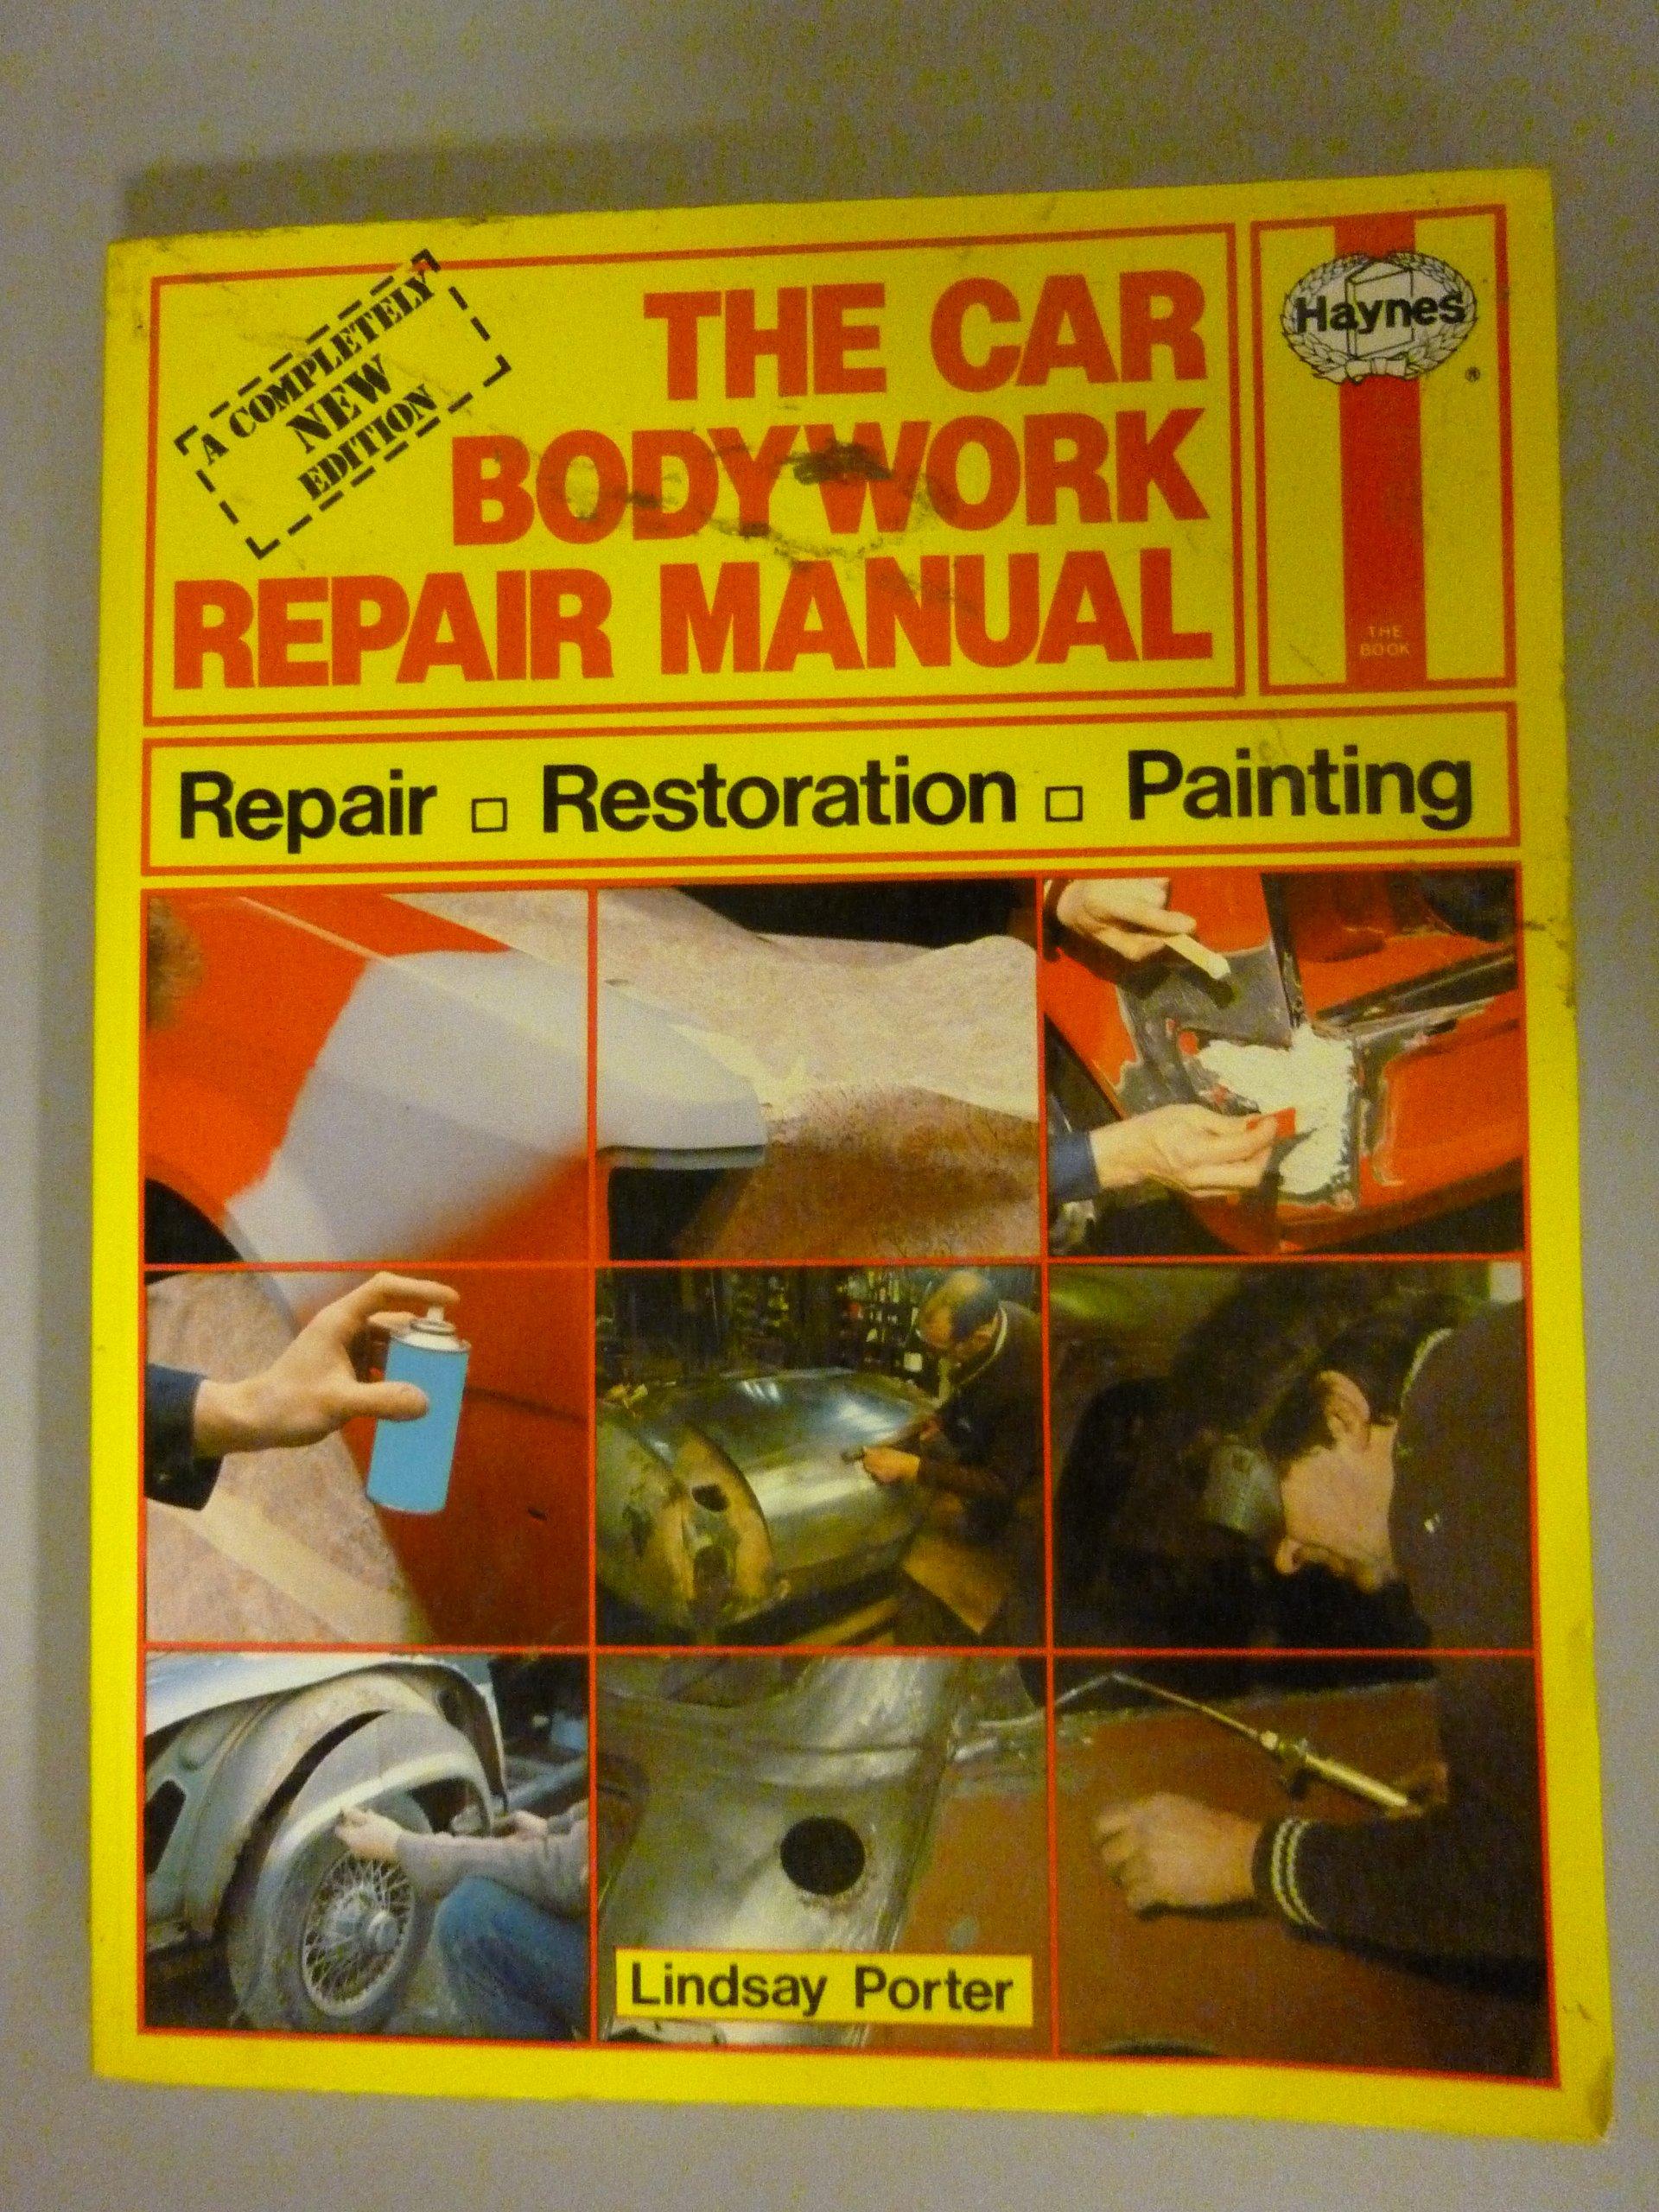 the car bodywork repair manual a foulis motoring book lindsay rh amazon com haynes car bodywork repair manual pdf haynes car bodywork repair manual pdf